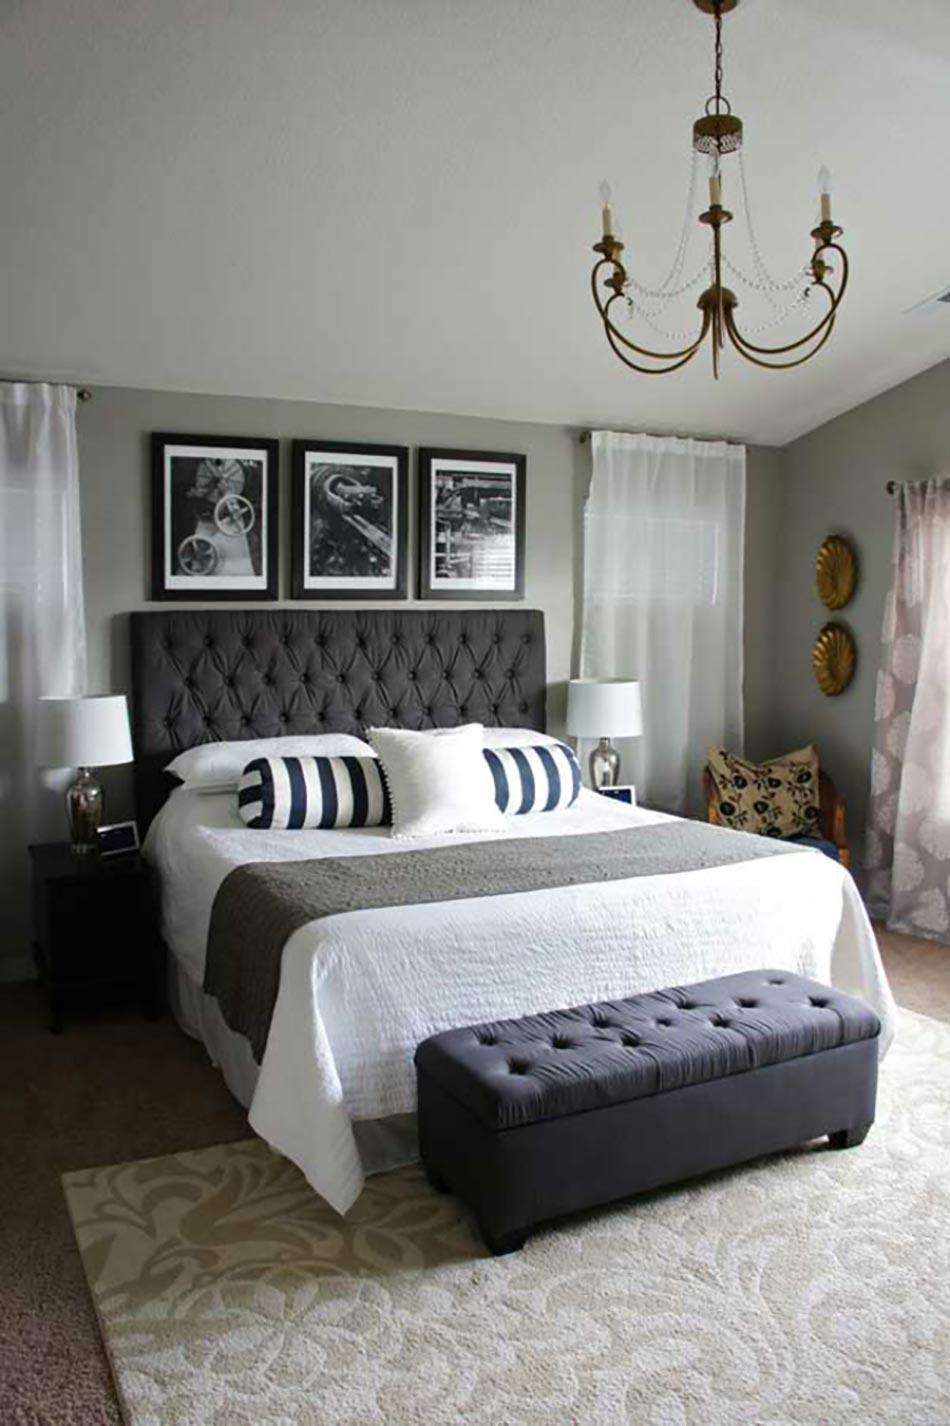 Chambre Inspiration 16 sources d'inspiration design pour votre chambre à coucher